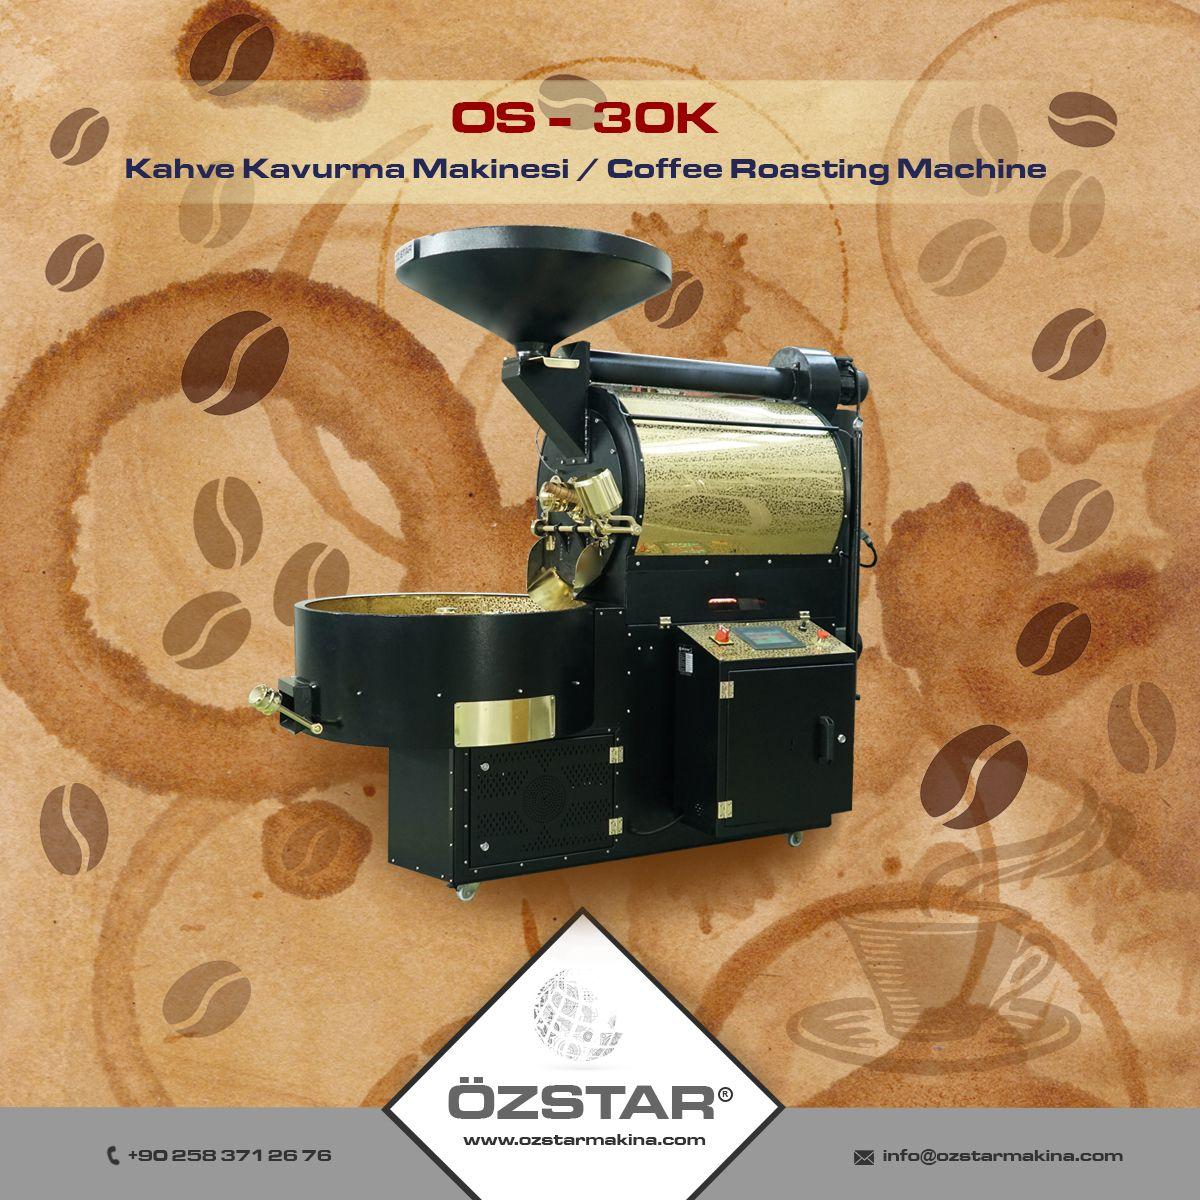 ماكينة تحميص القهوة Kahve Kavurma